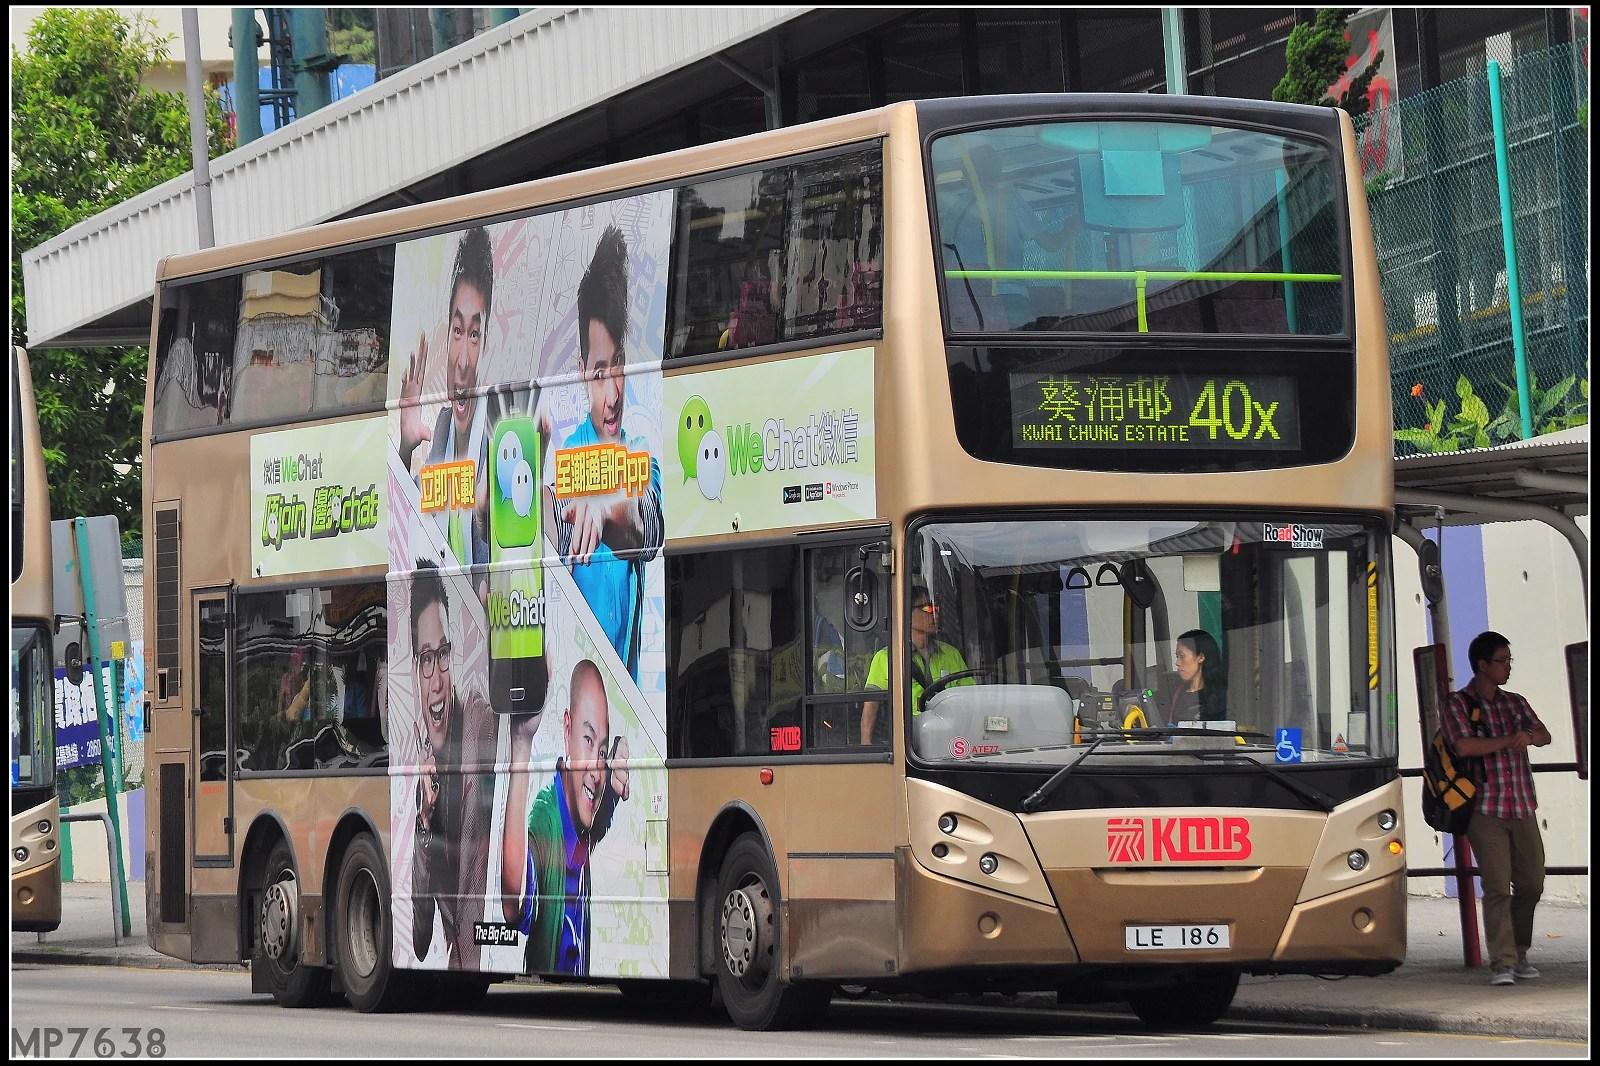 九巴40X線 - 香港巴士大典